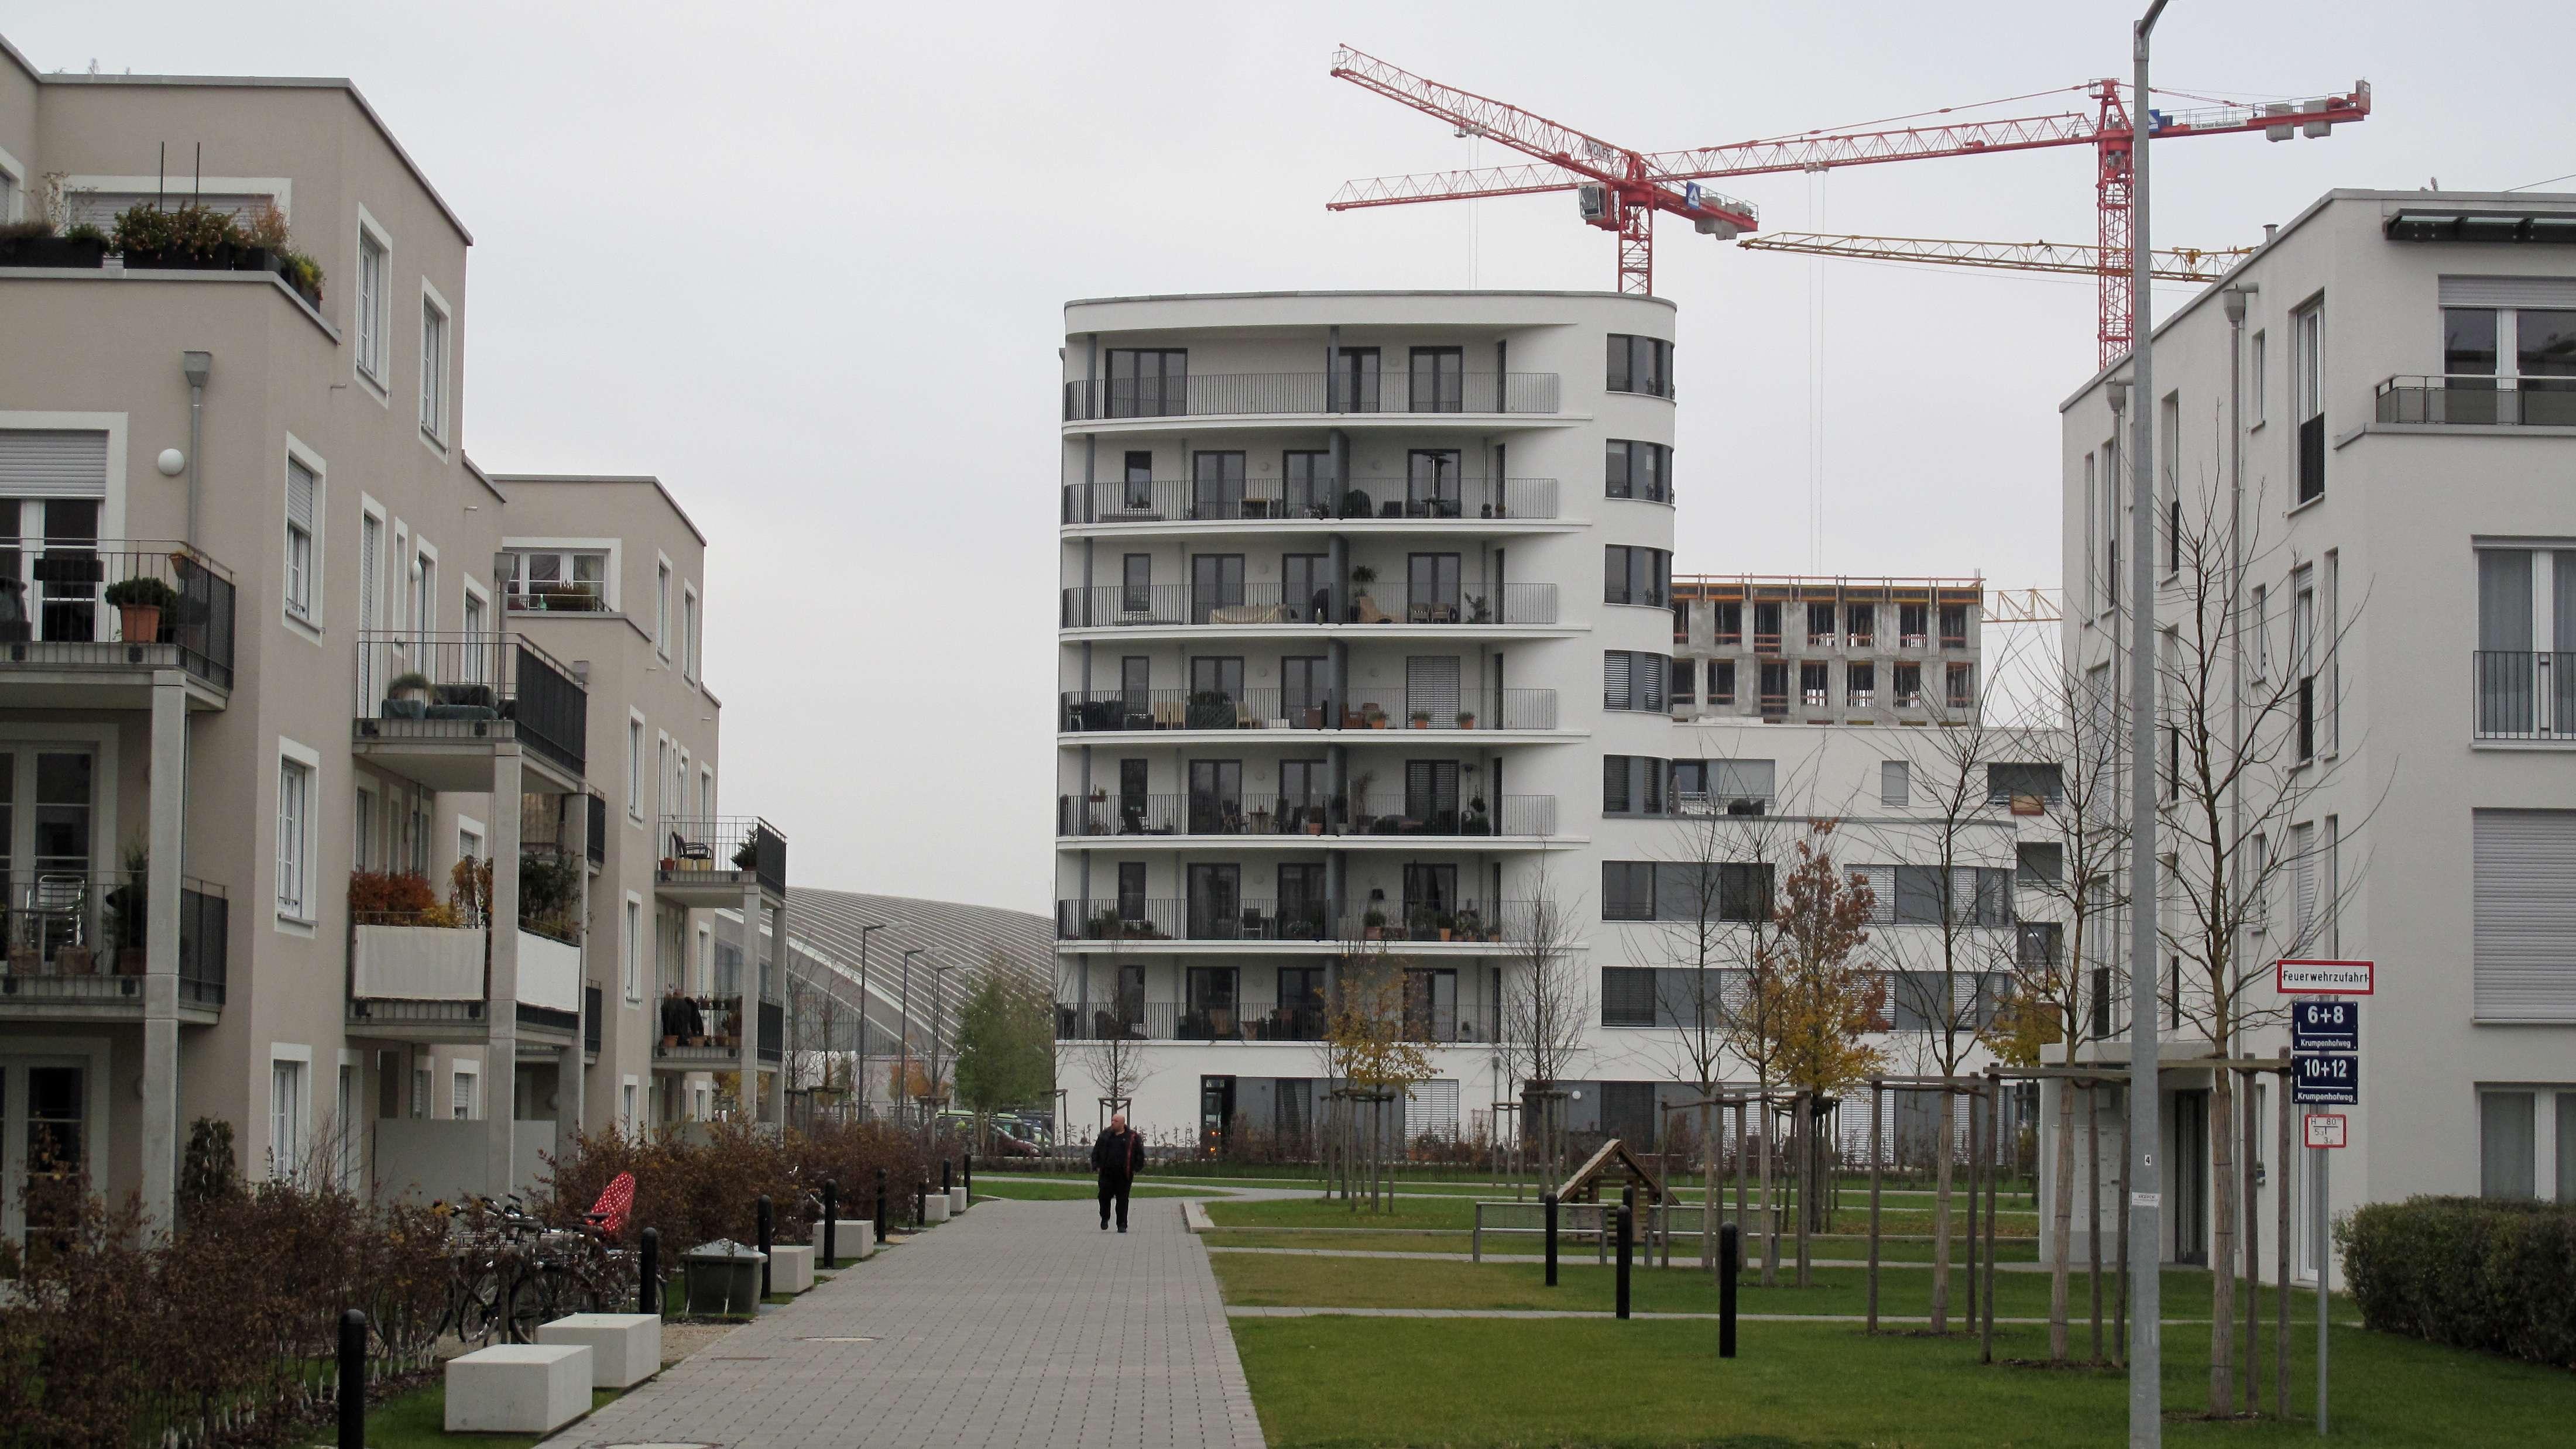 Neubausiedlung in München